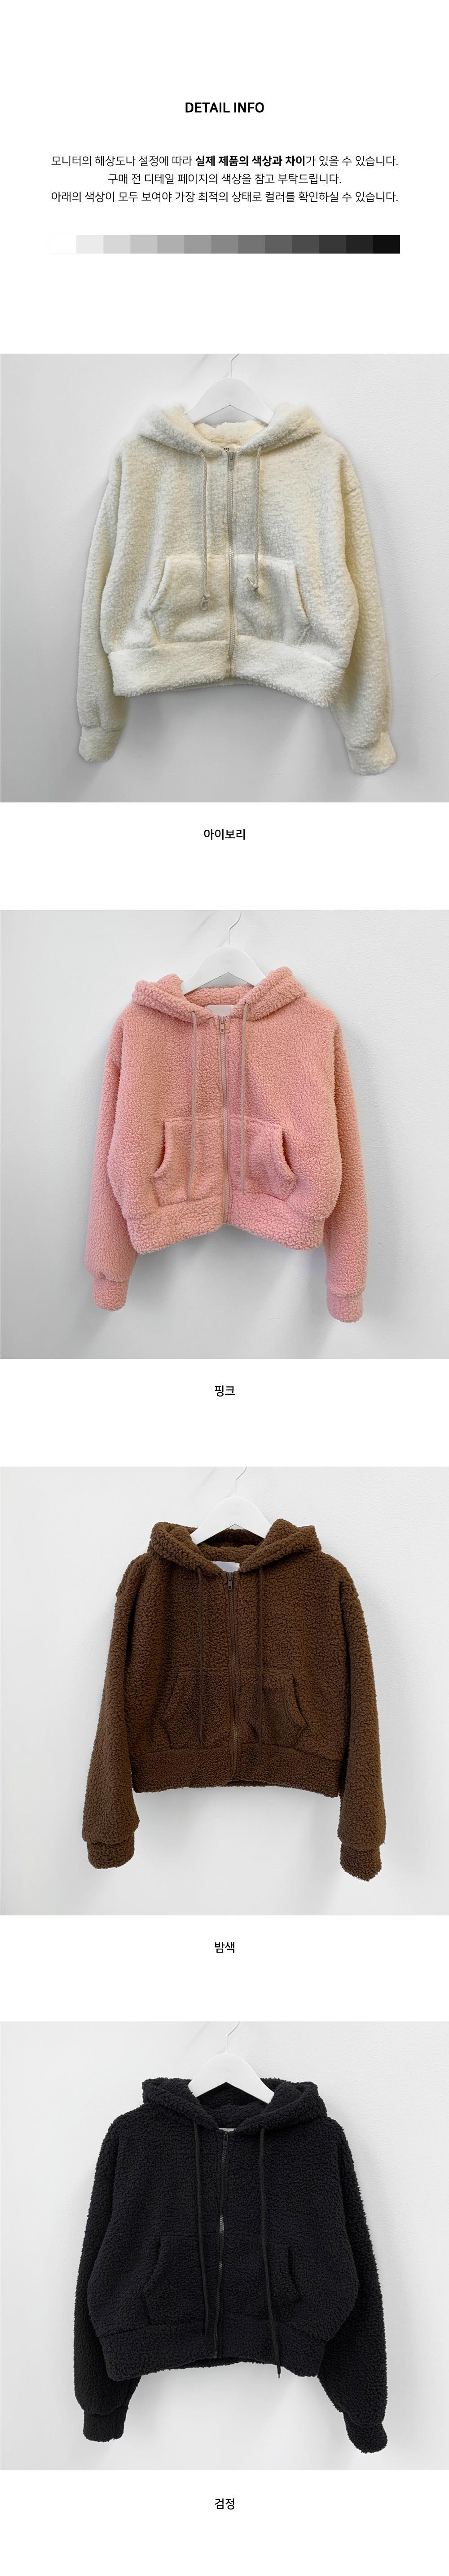 Damon fleece pogle hooded cropped zip-up jacket